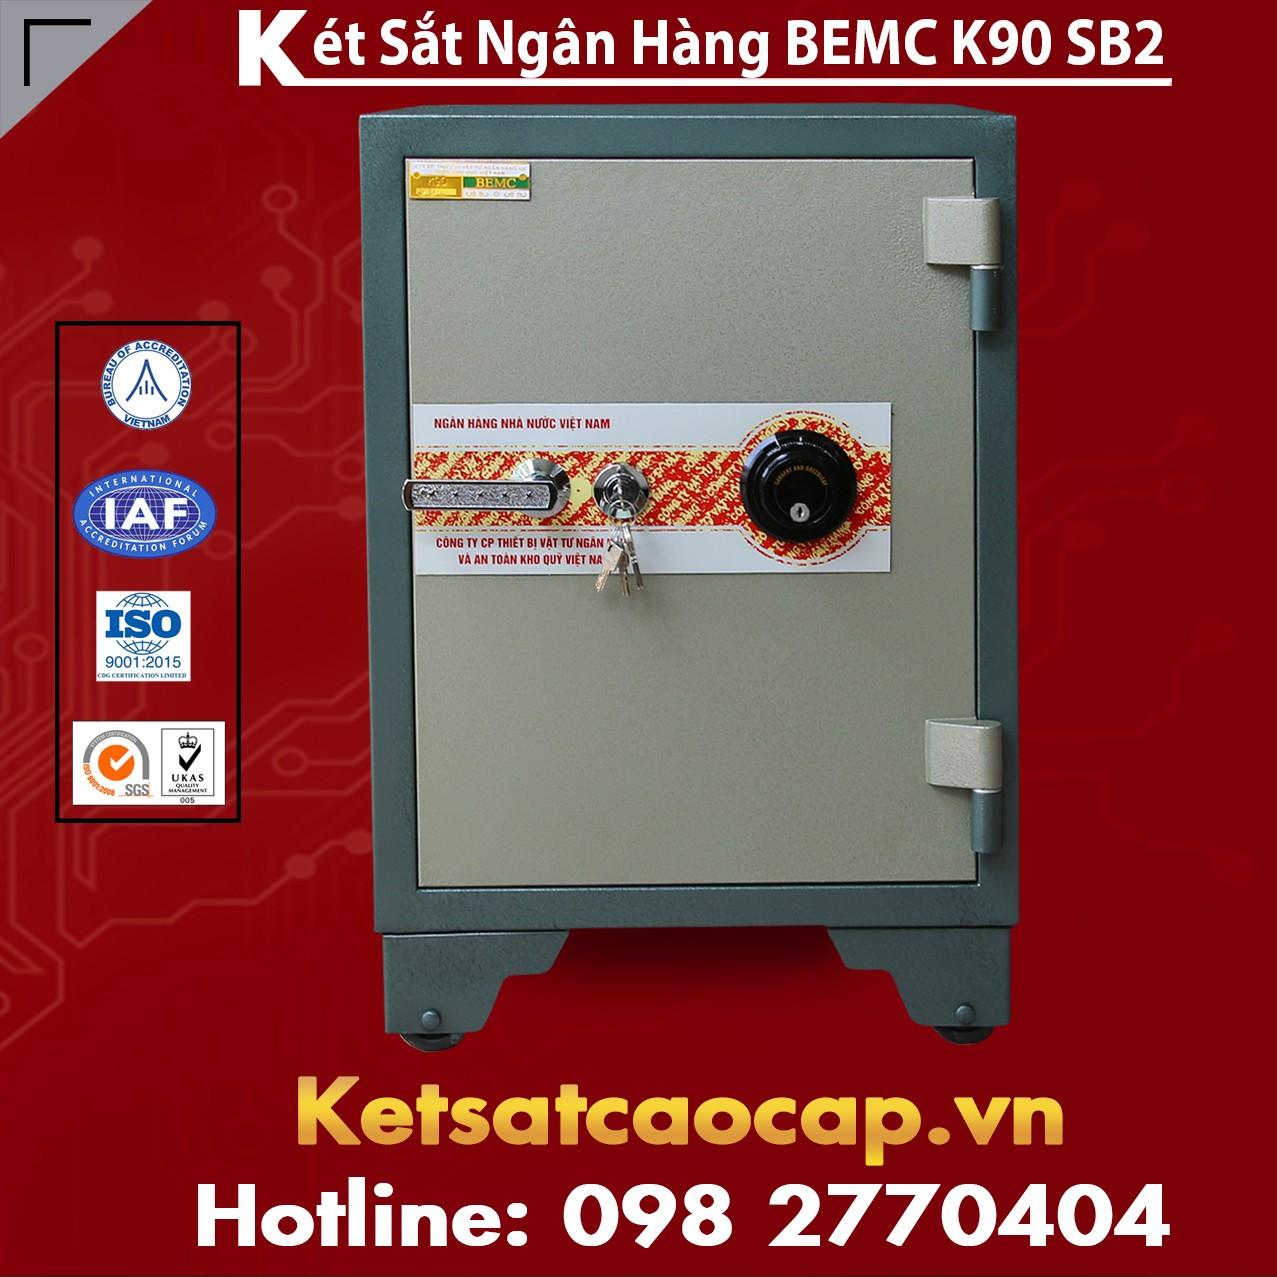 Két Sắt Ngân Hàng BEMC K90SB2 Hệ Thống Phân Phối Chính Hãng